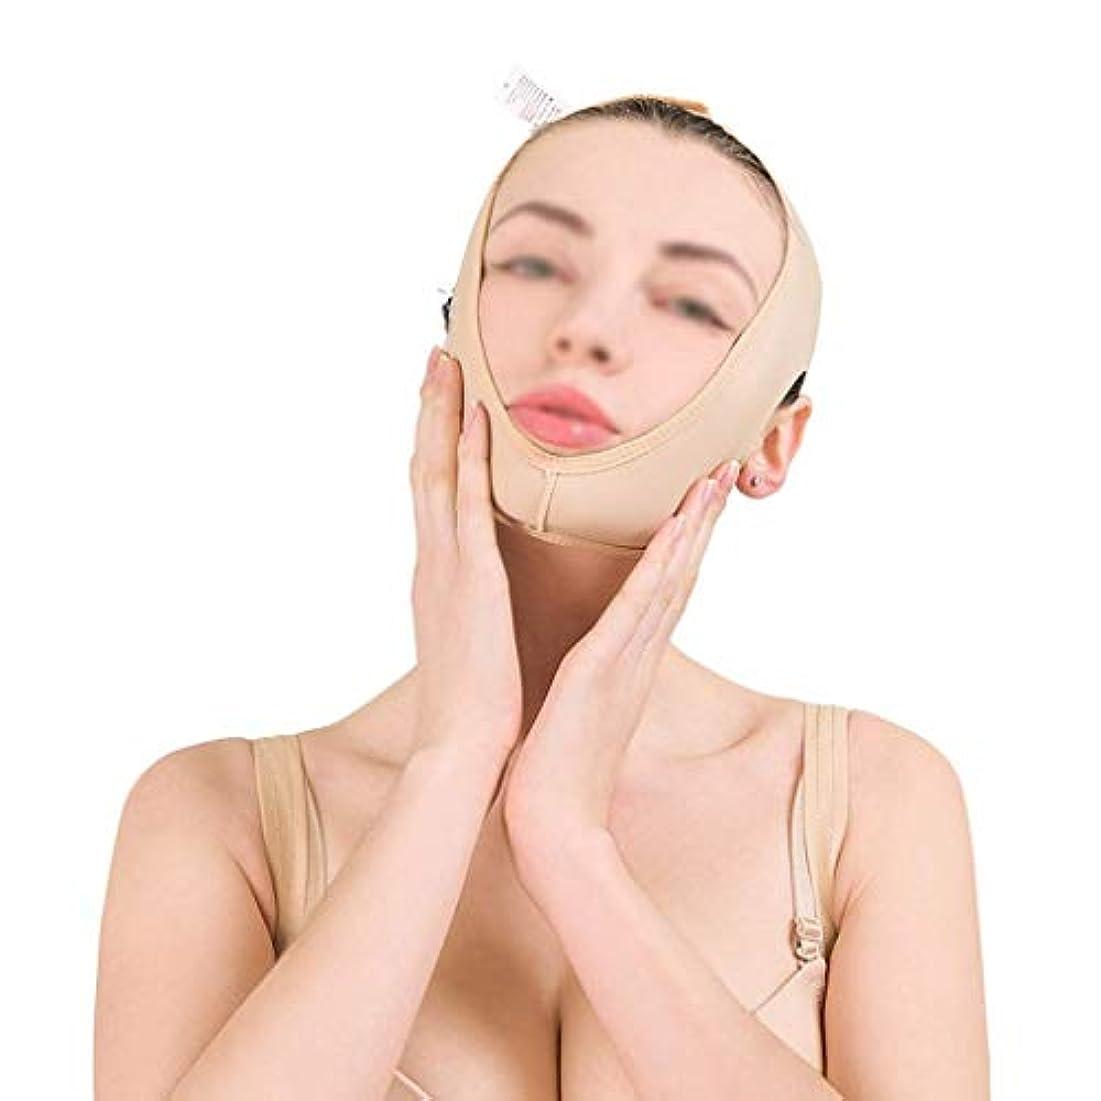 上記の頭と肩クランプ警戒マスク減量、肌の包帯を引き締めるリフティングフェイスバンド、フェイスリフティング、ダブルチンビューティバンデージ、フェイスリフト(サイズ:L),M